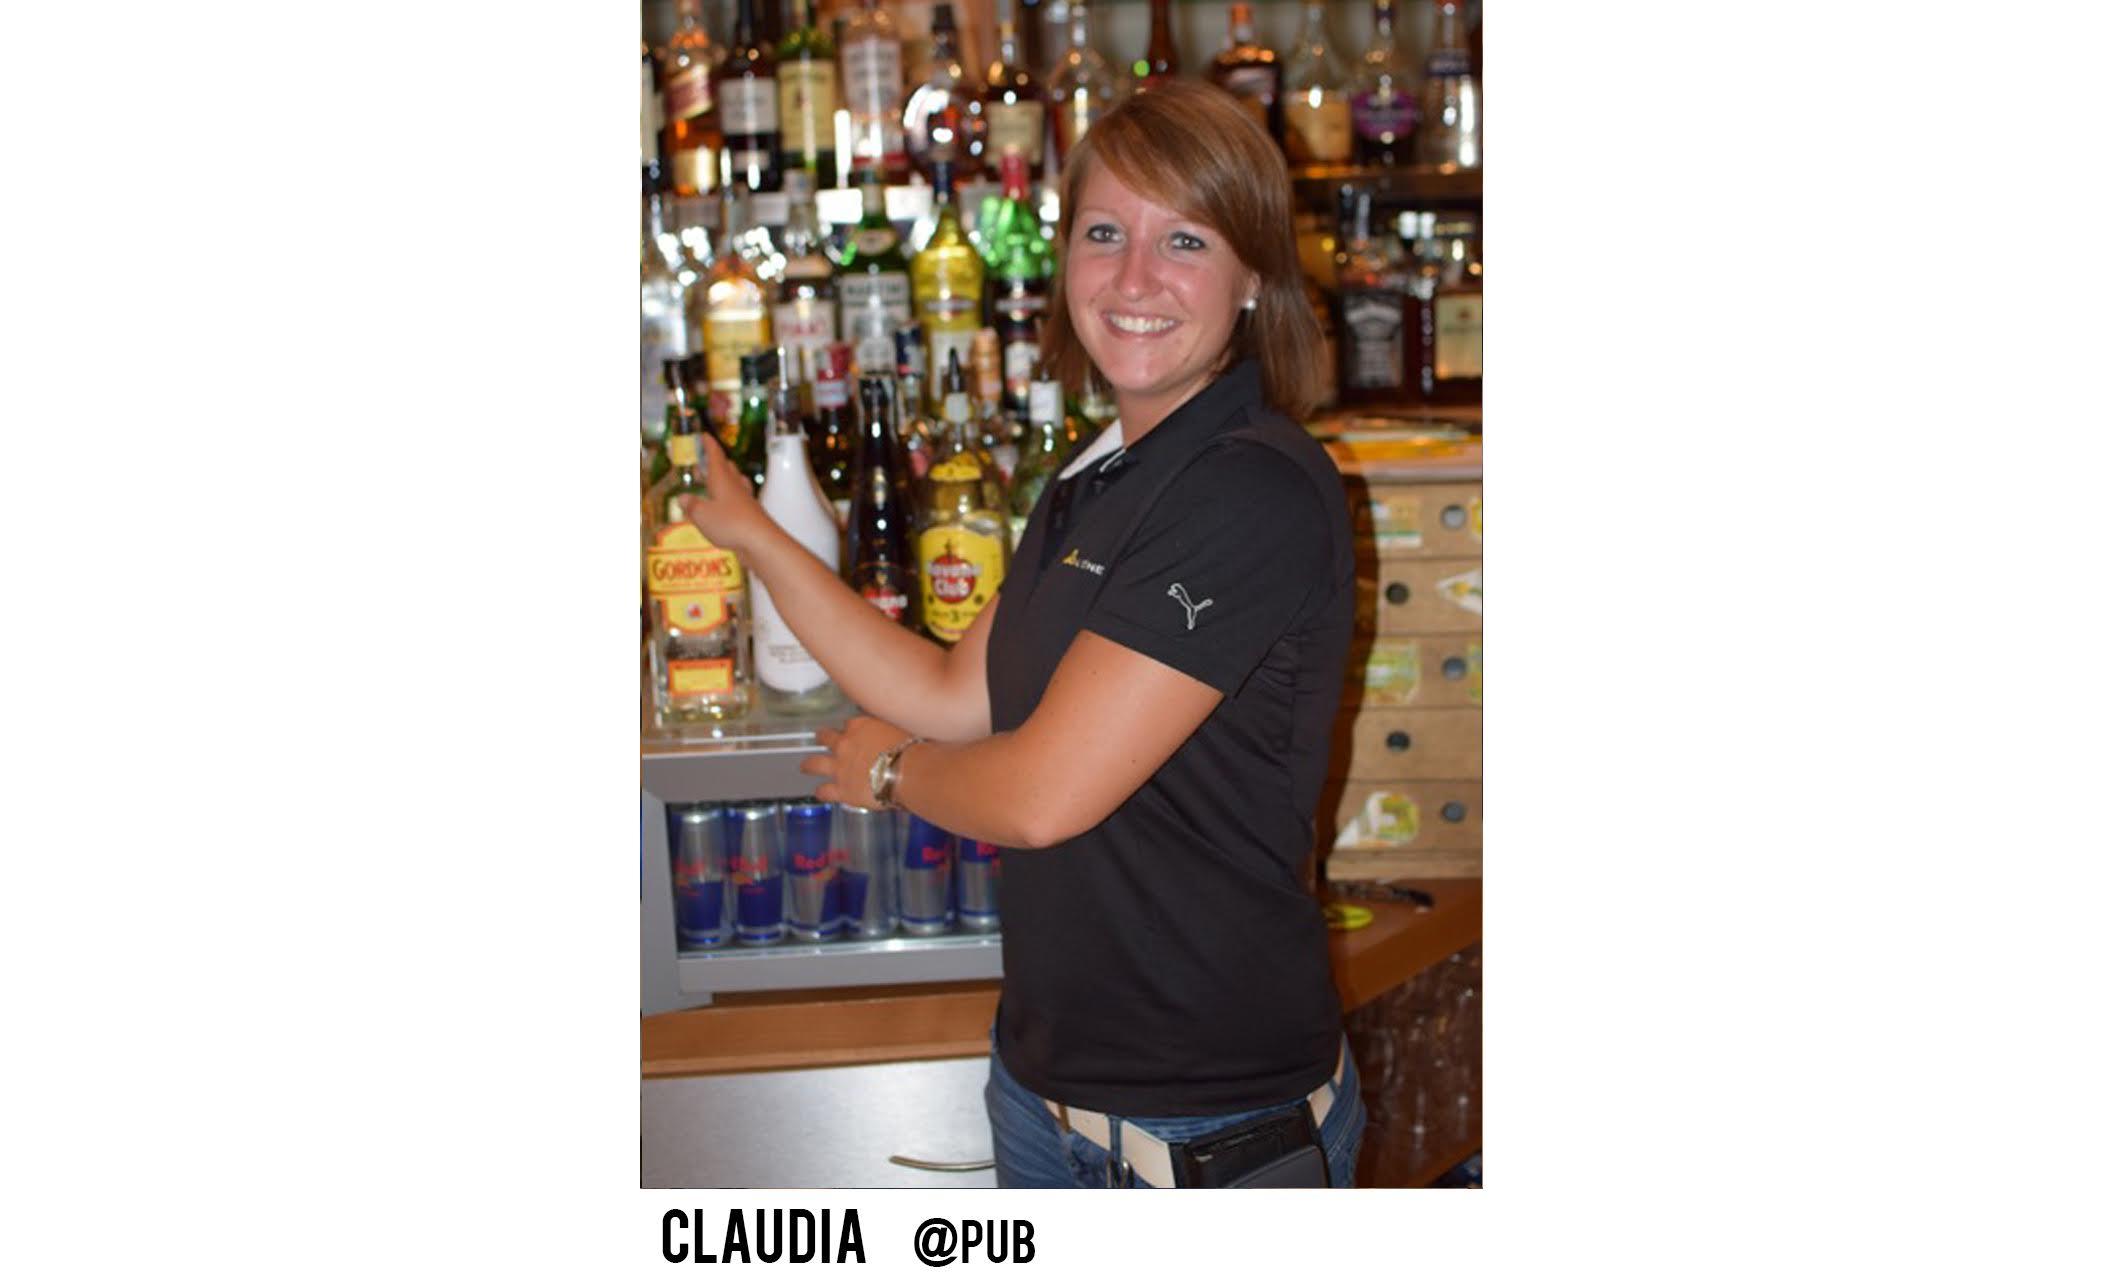 claudia-pub